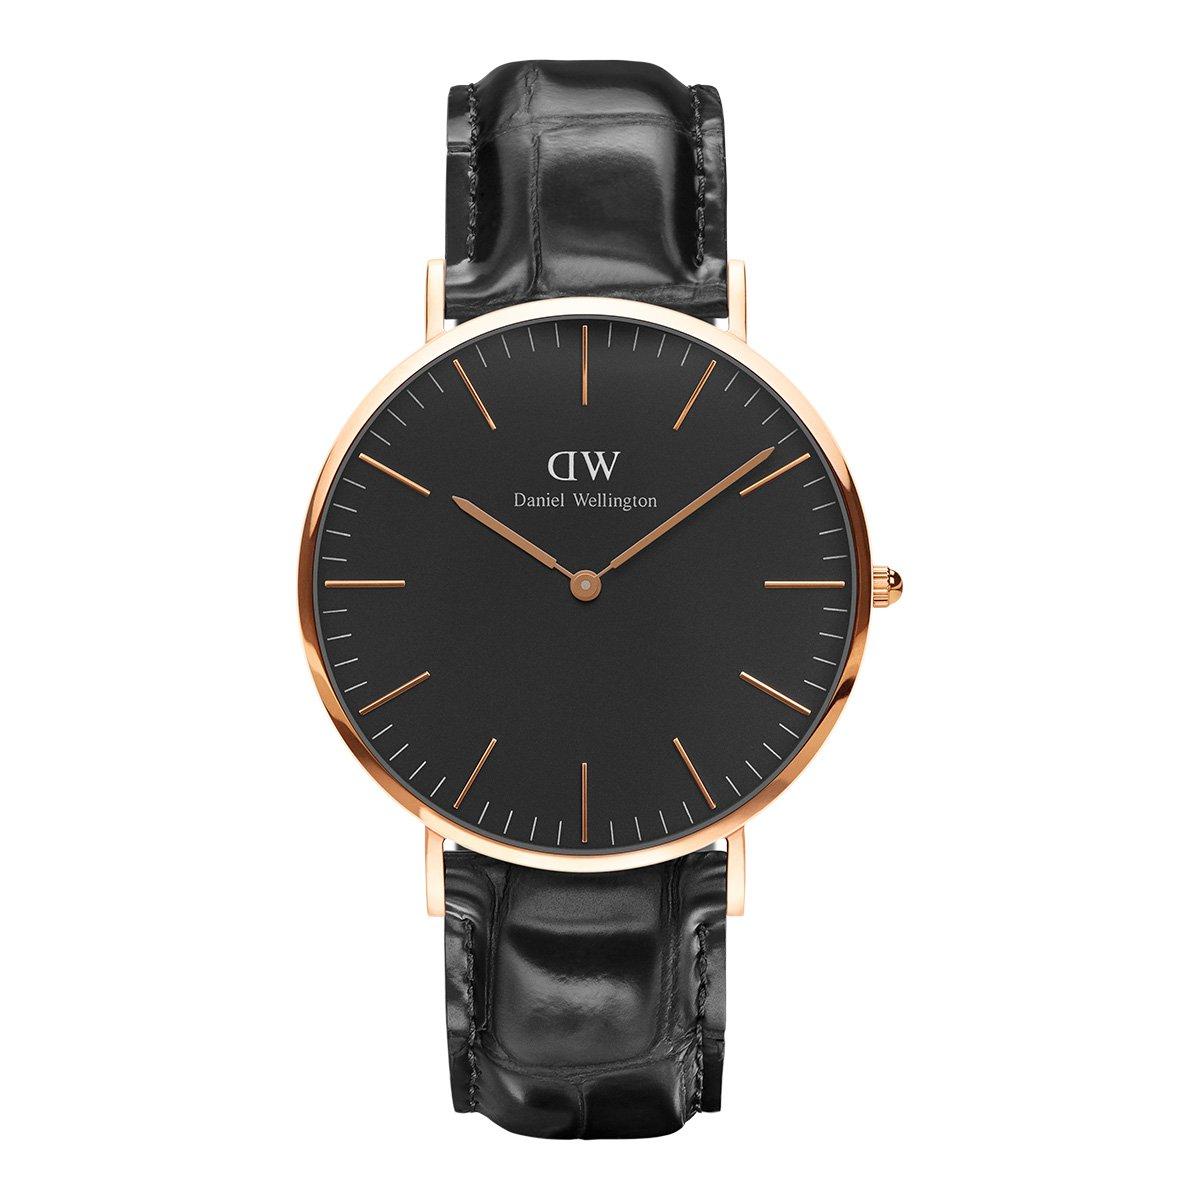 丹尼尔惠灵顿【两年保修】DW40mm石英手表专柜同款黑表盘皮质表带男士手表DW00100129